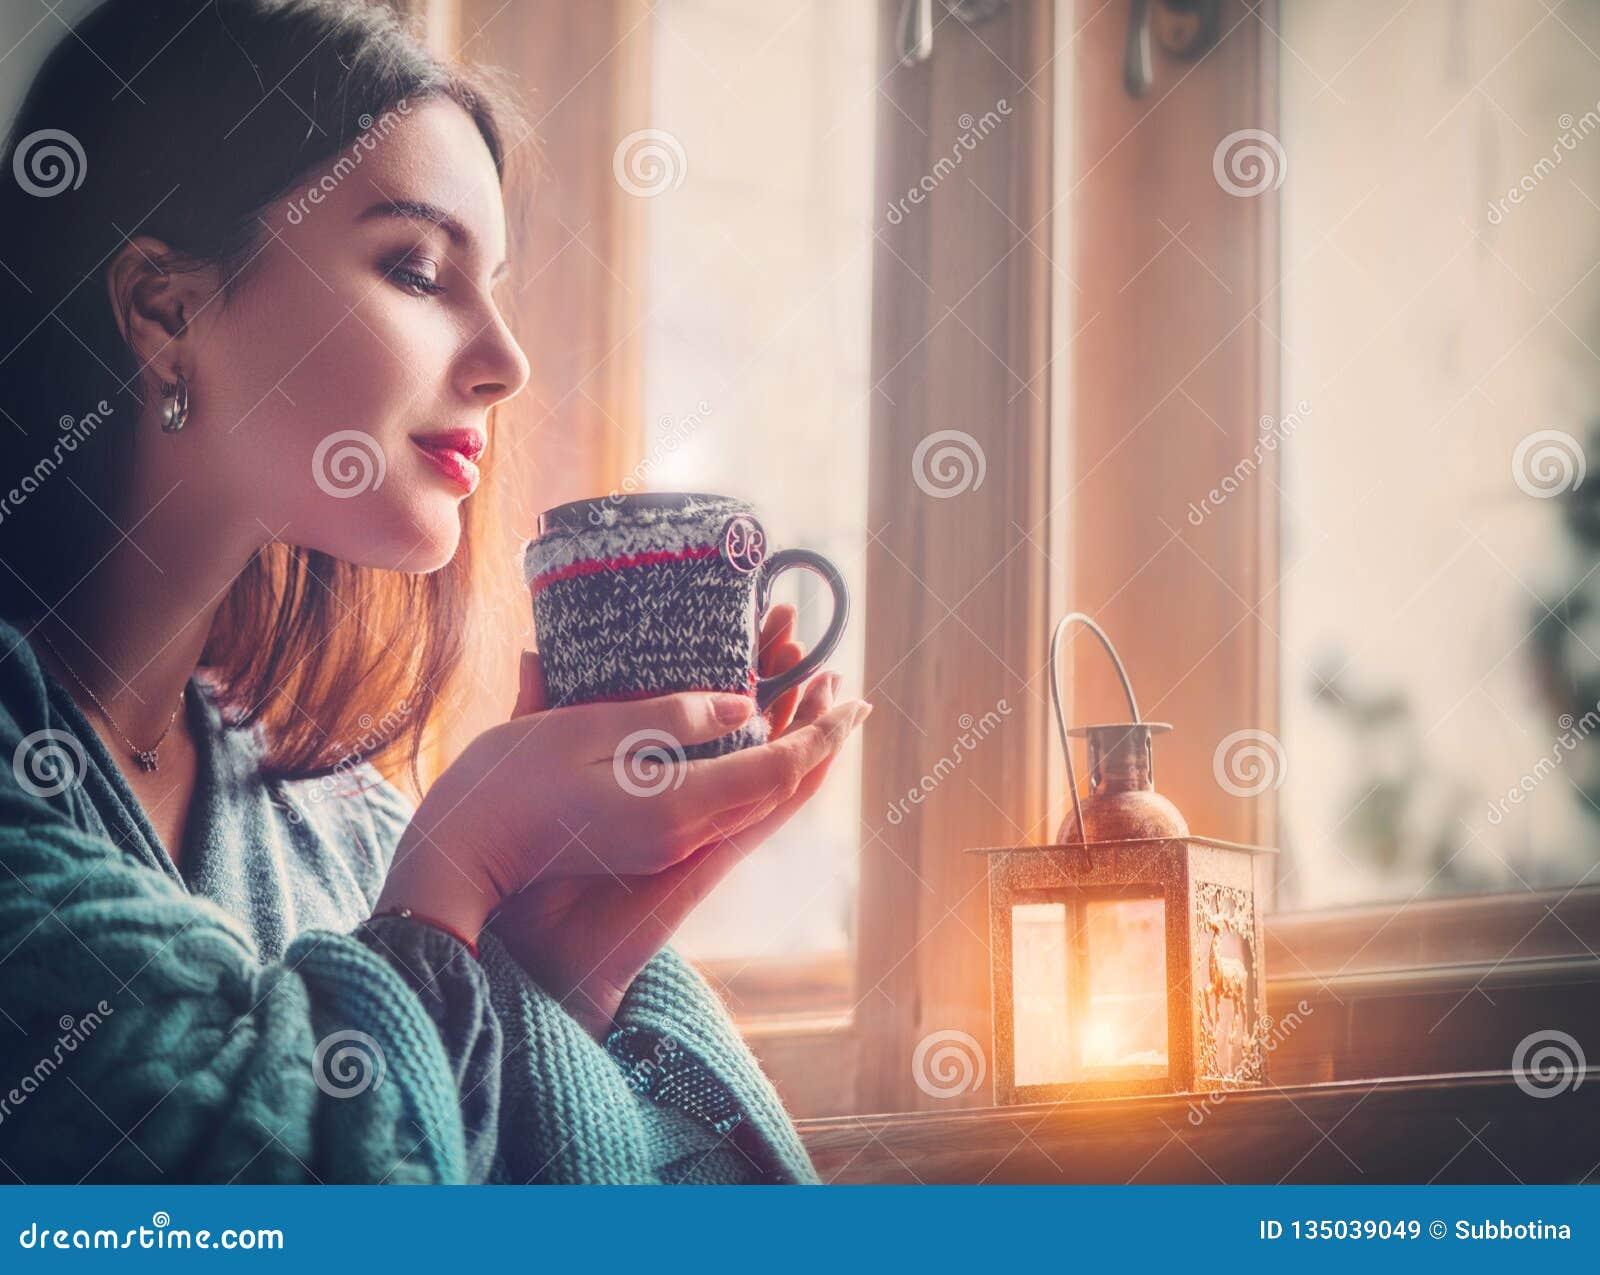 Café potable de belle fille de brune à la maison, regardant la fenêtre Femme de modèle de beauté avec la tasse de thé chaud